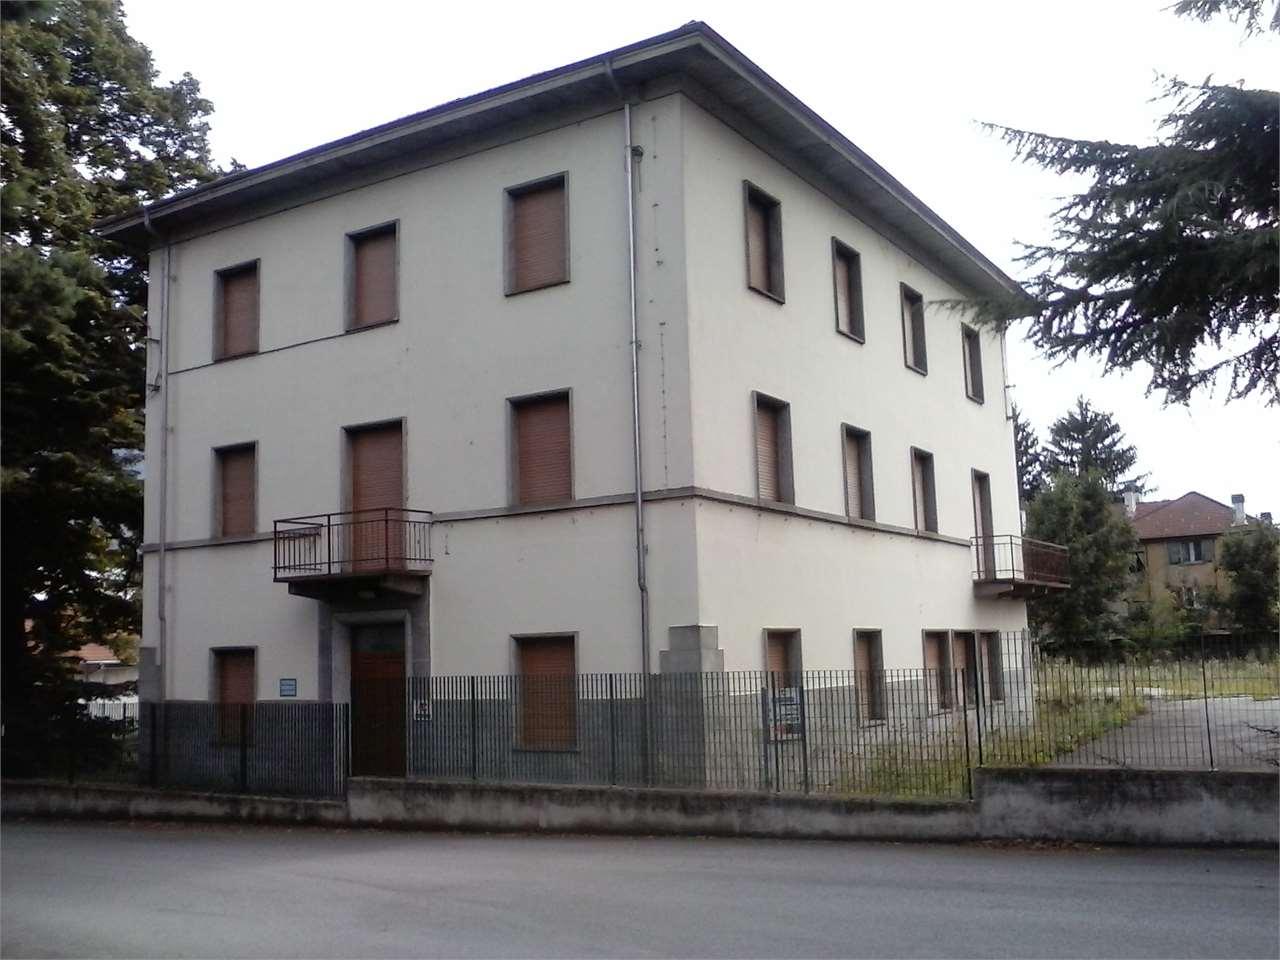 Ufficio Casa Domodossola : Immobili commerciali in vendita a domodossola cambiocasa